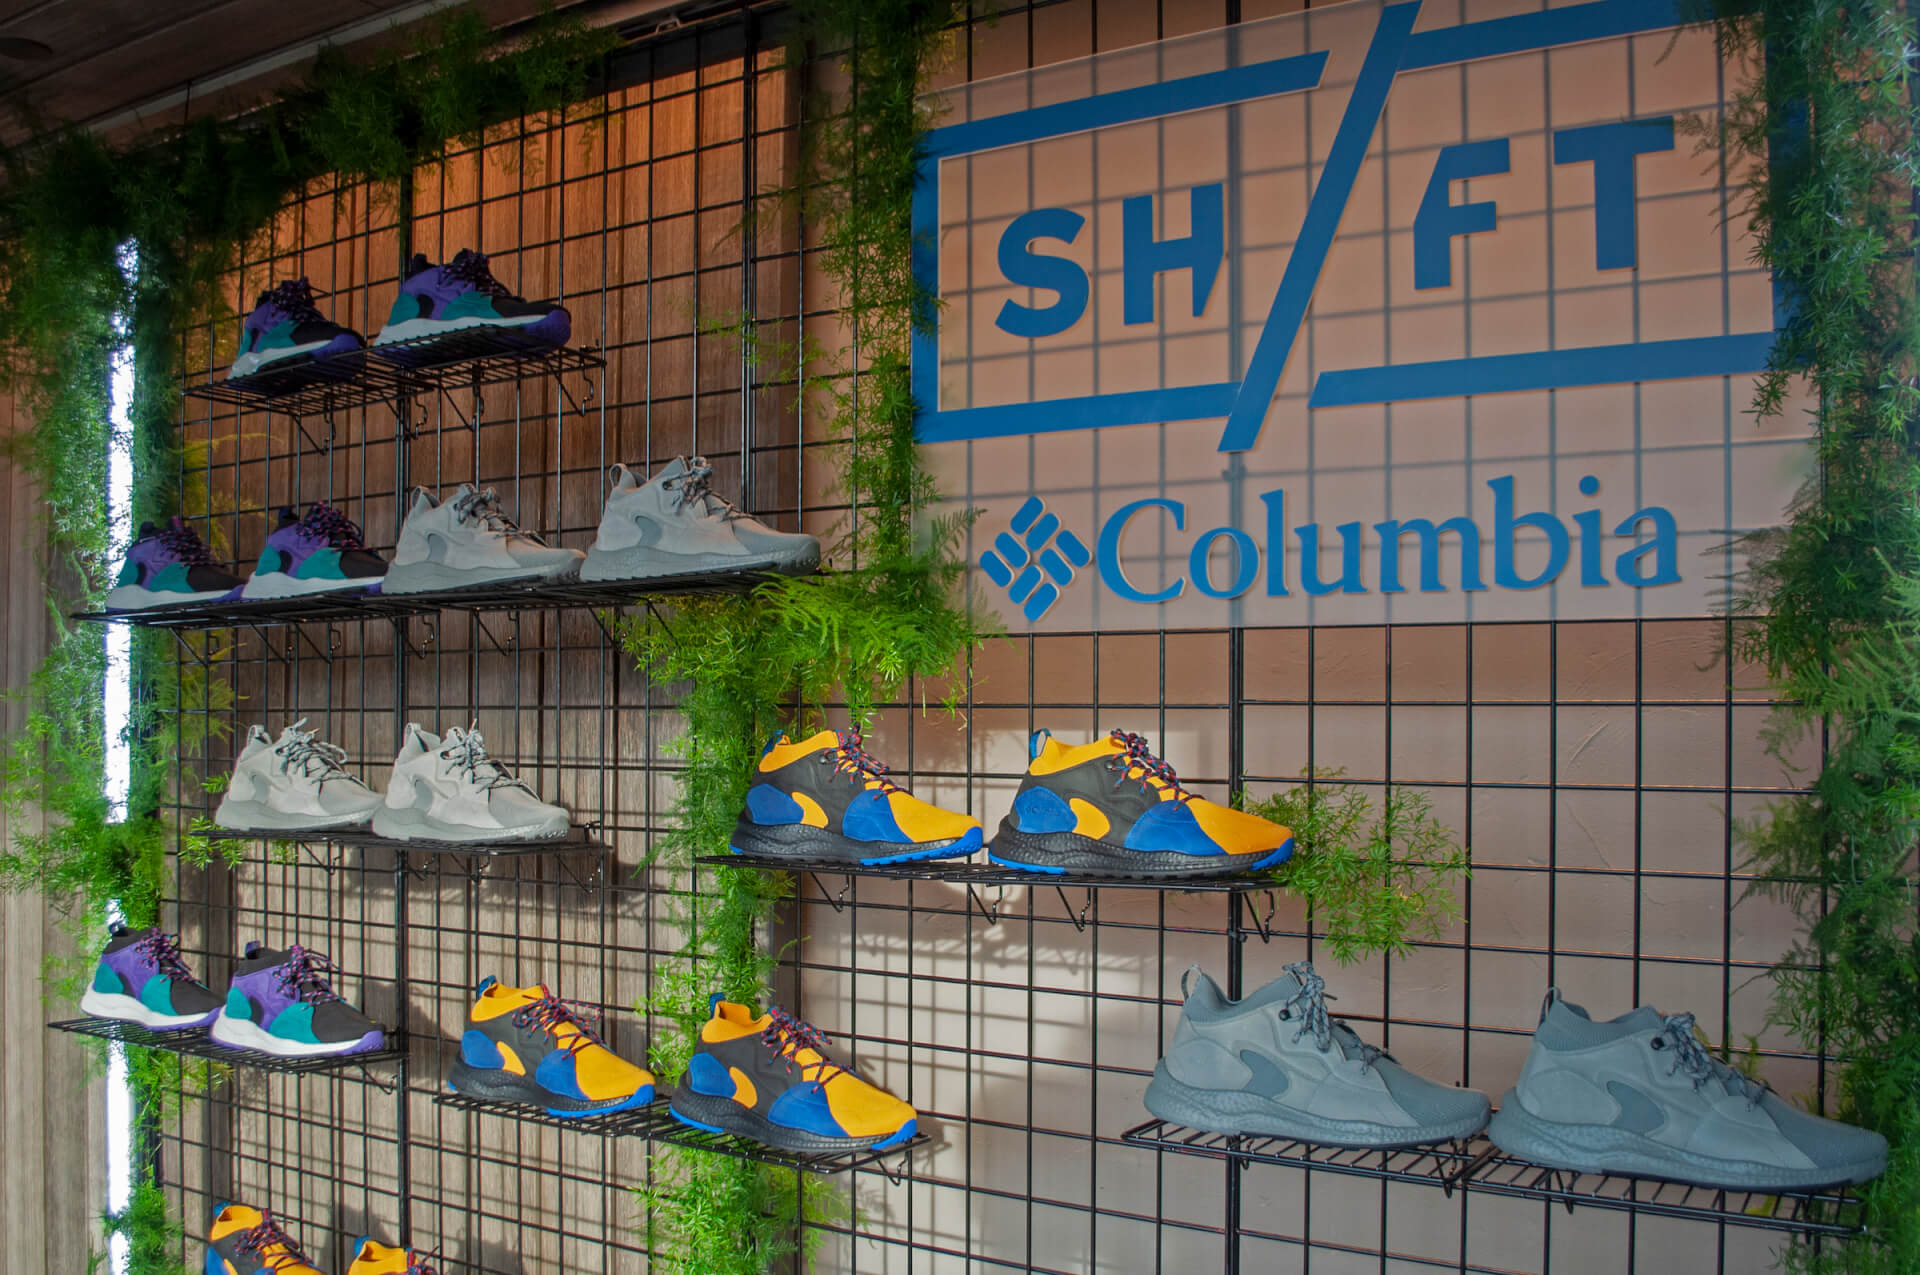 都会と自然を自由にシフトする!コロンビアが打ち出す新シューズをNYにて発表。アンバサダーZEDDの独占インタビューも! interview_190815_columbia-13